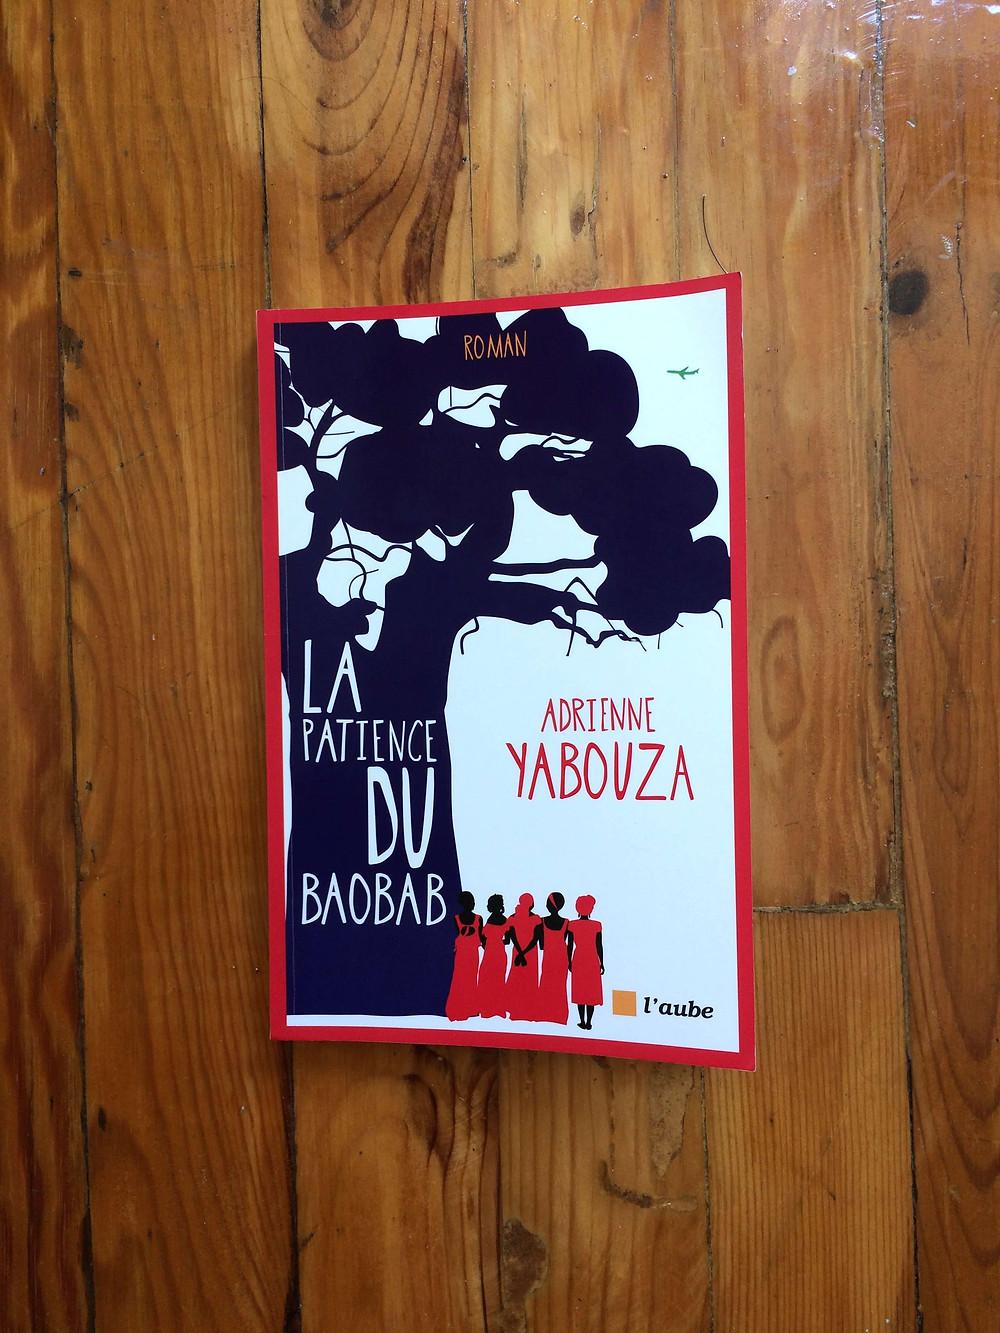 """Photo du livre """"La patience du baobab"""" d'Adrienne Yabouza (1)"""